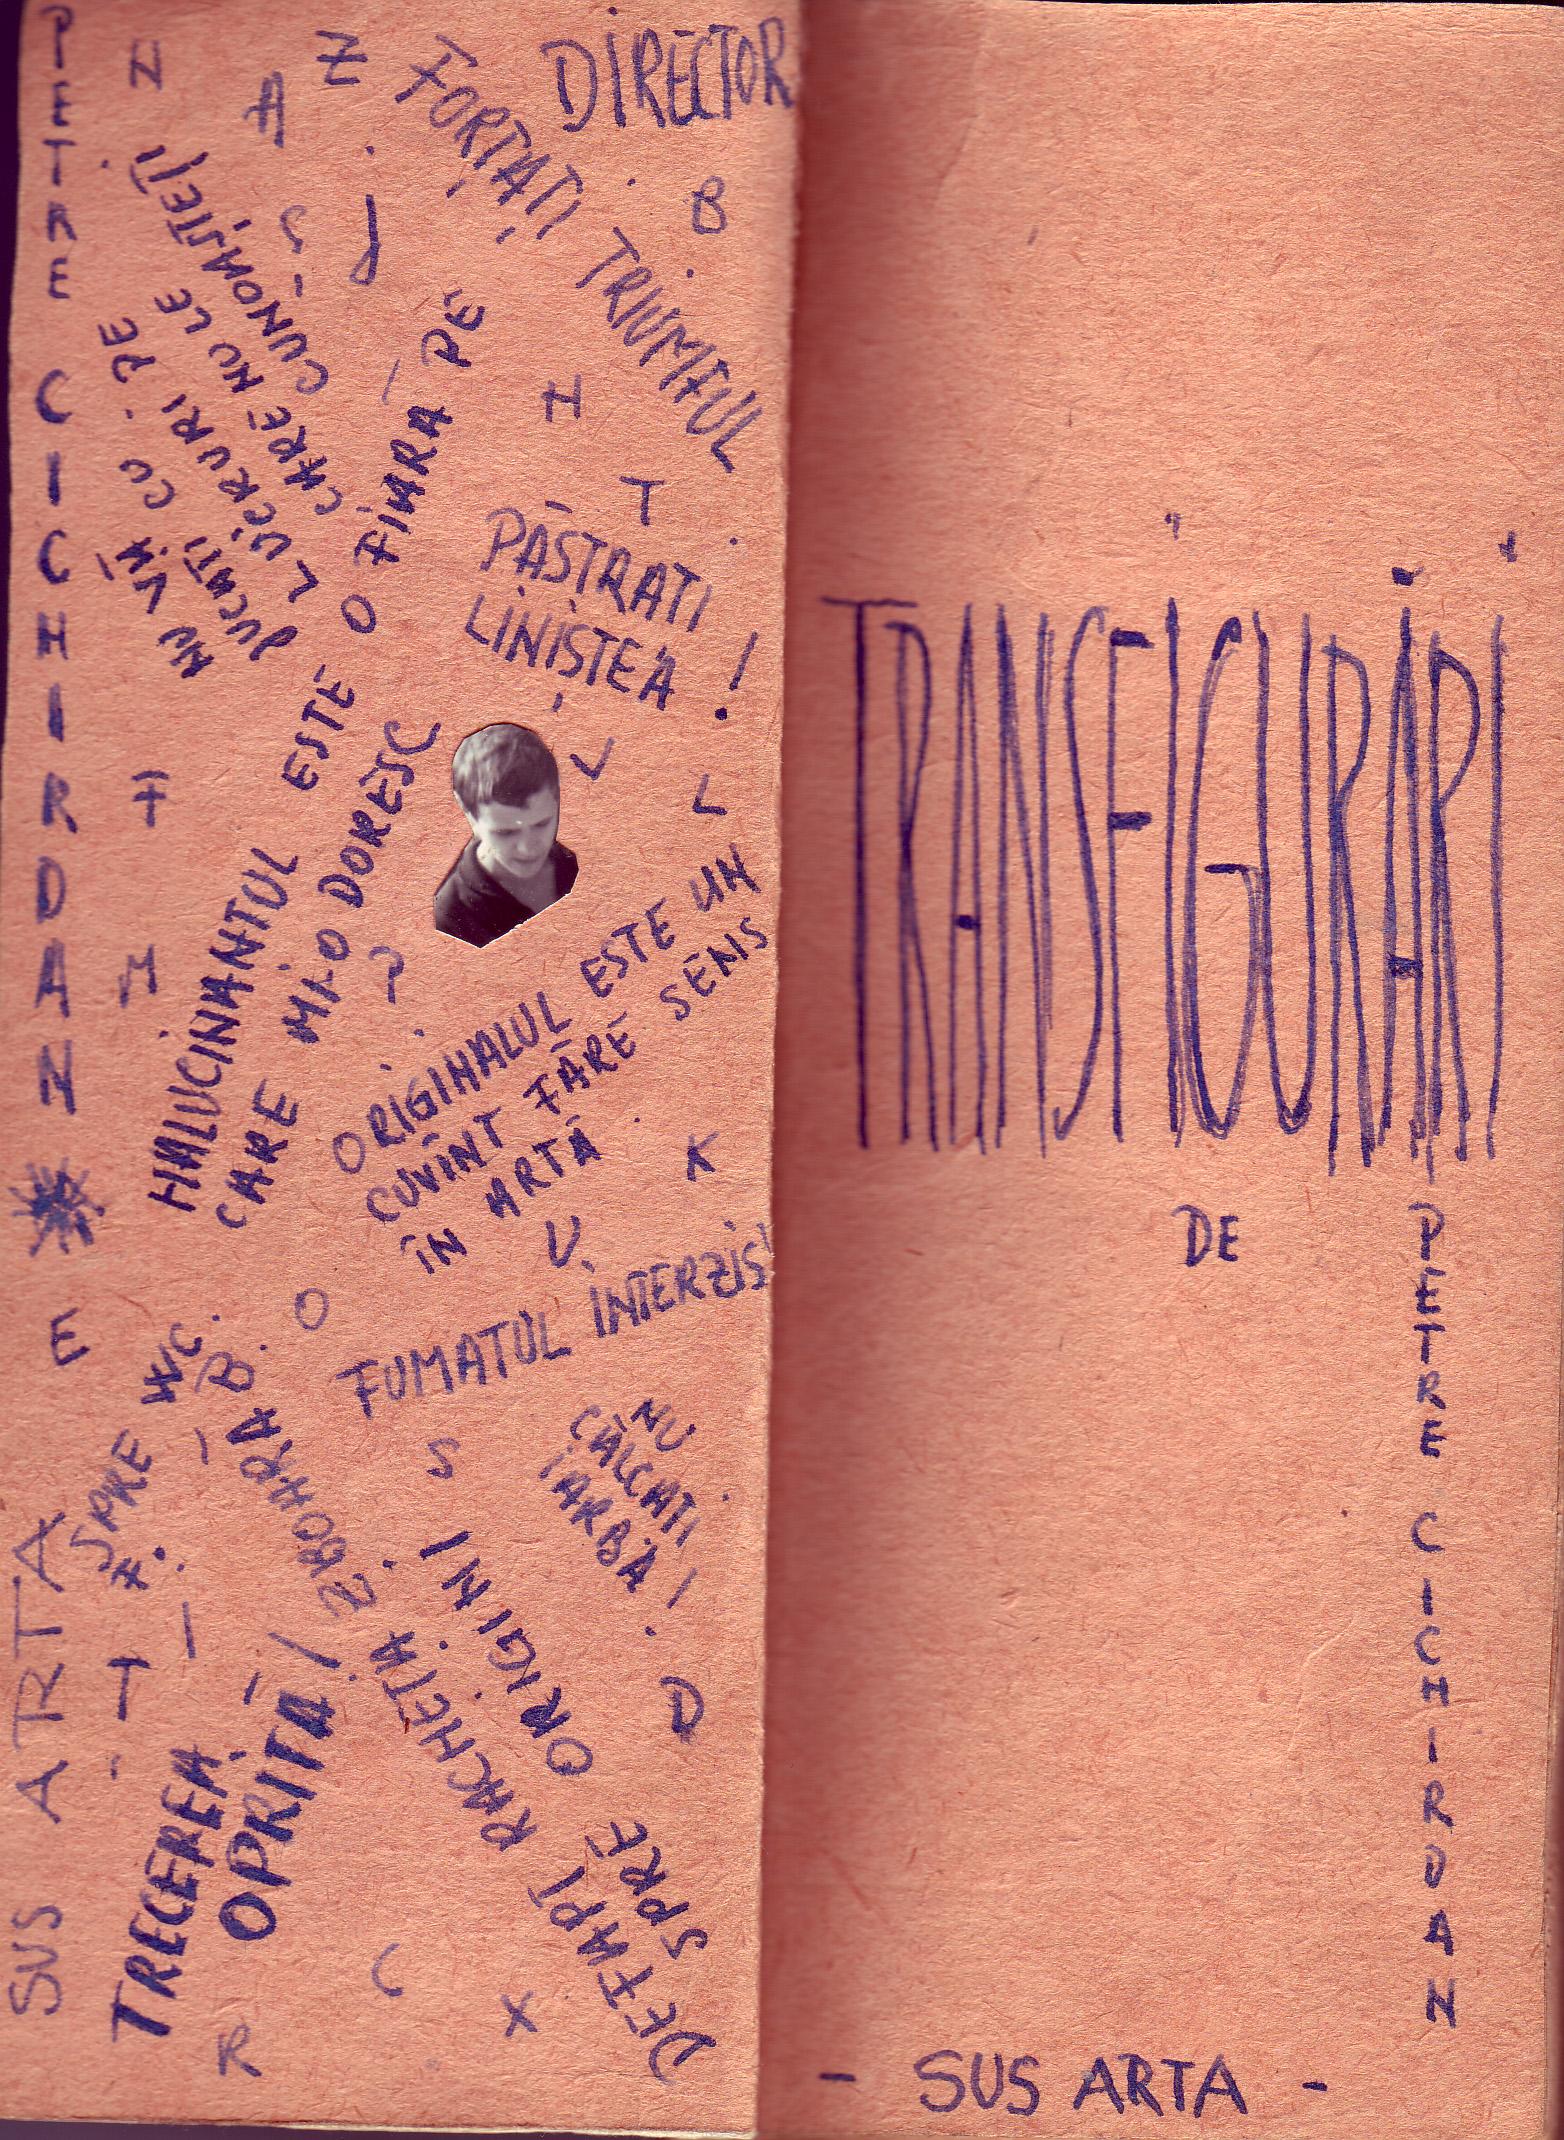 Transfigurari, Ed. Sus Arta, 1968, paginile 2-3